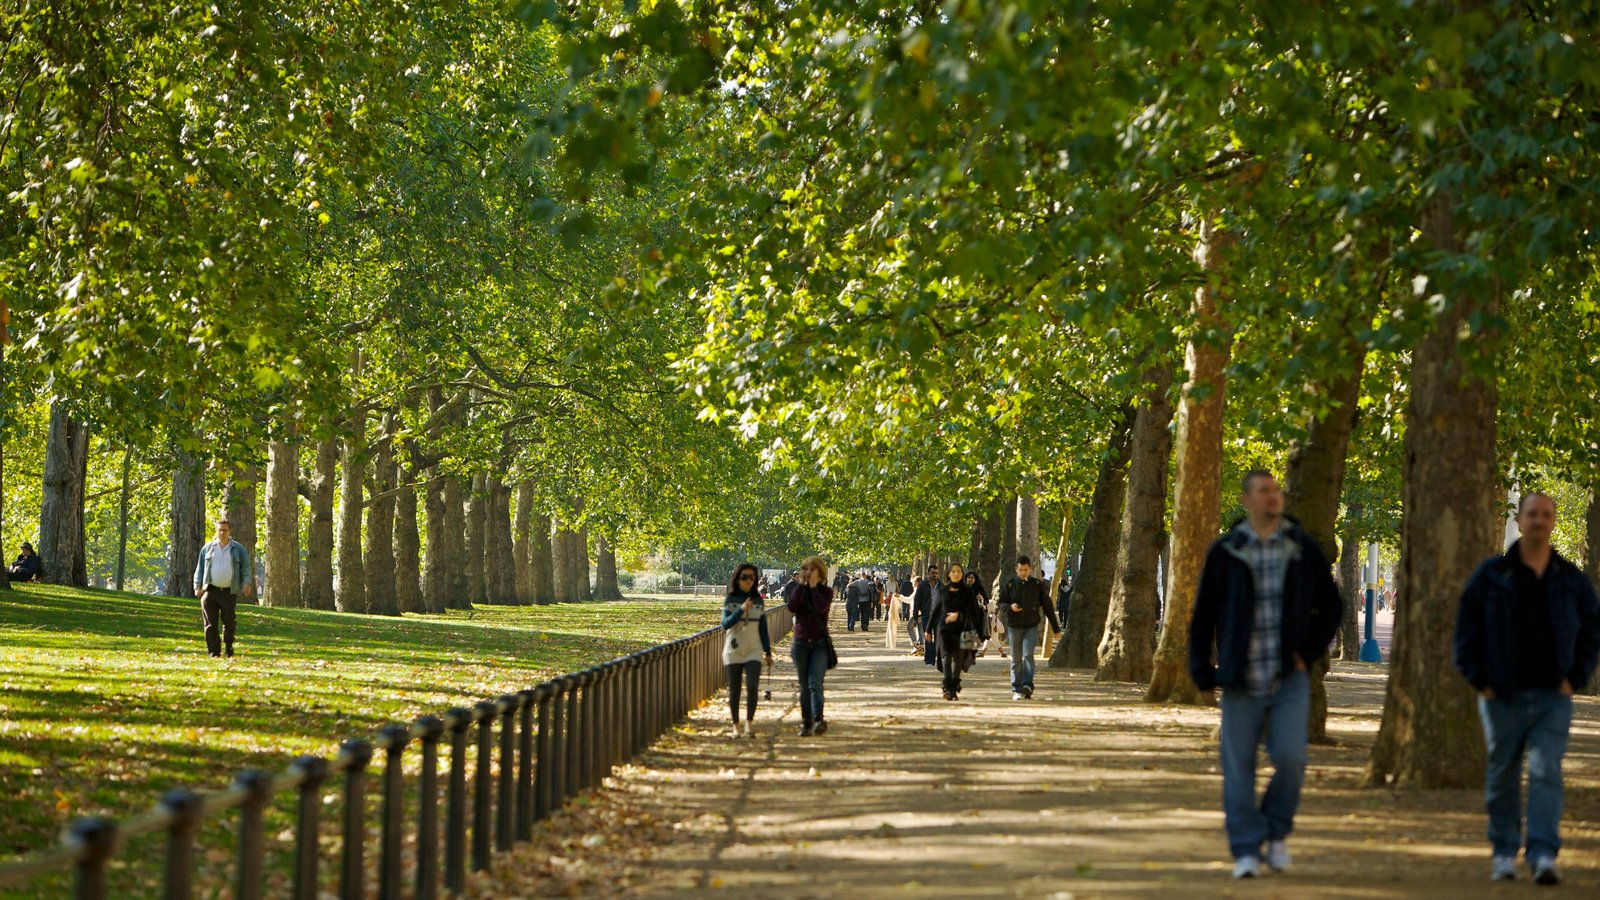 St. James Park featuring a park